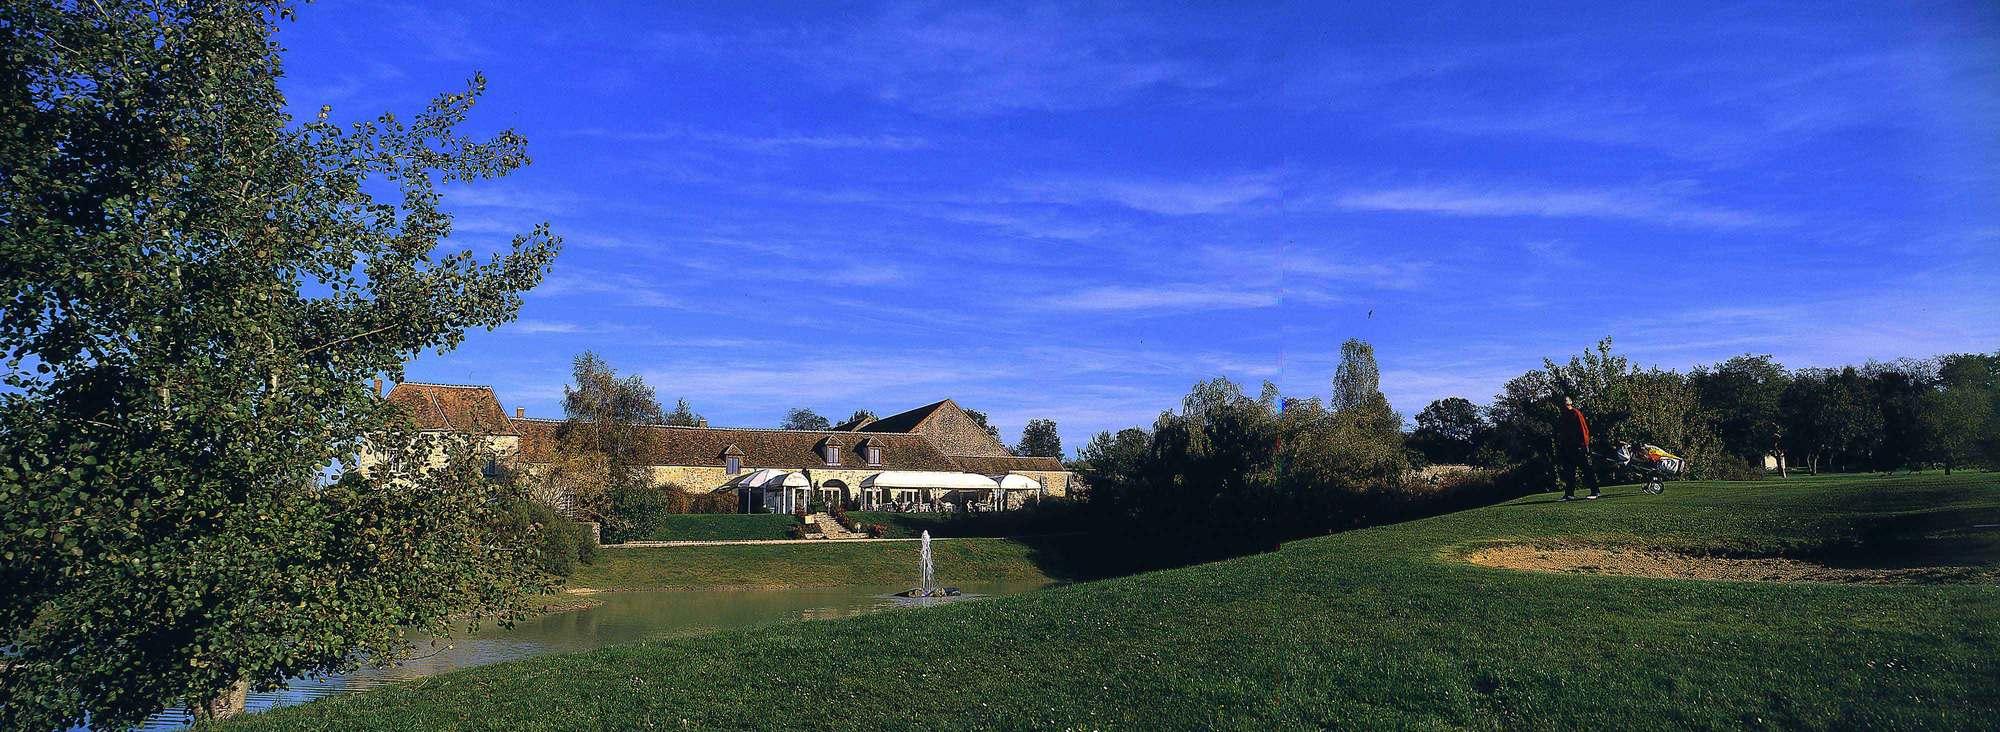 golf de montereau la forteresse next golf 2 next golf. Black Bedroom Furniture Sets. Home Design Ideas